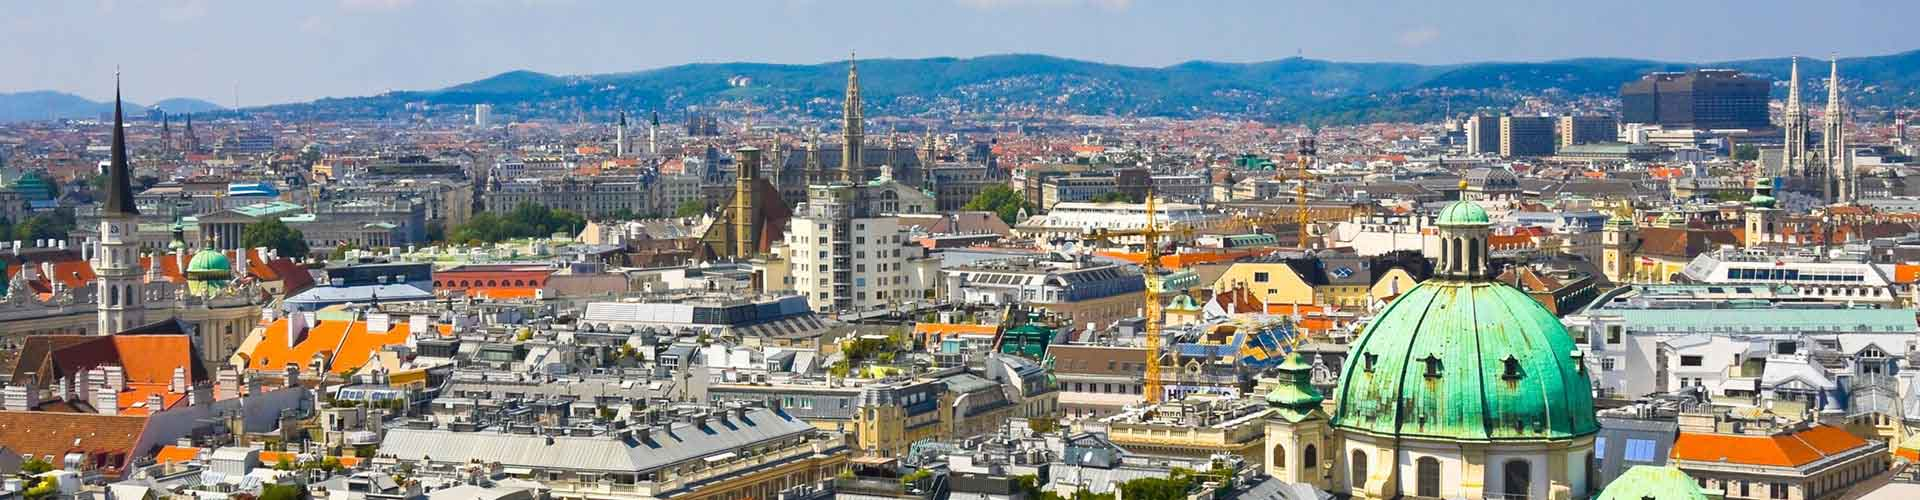 Vienne - Auberges de jeunesse à Vienne. Cartes pour Vienne, photos et commentaires pour chaque auberge de jeunesse à Vienne.